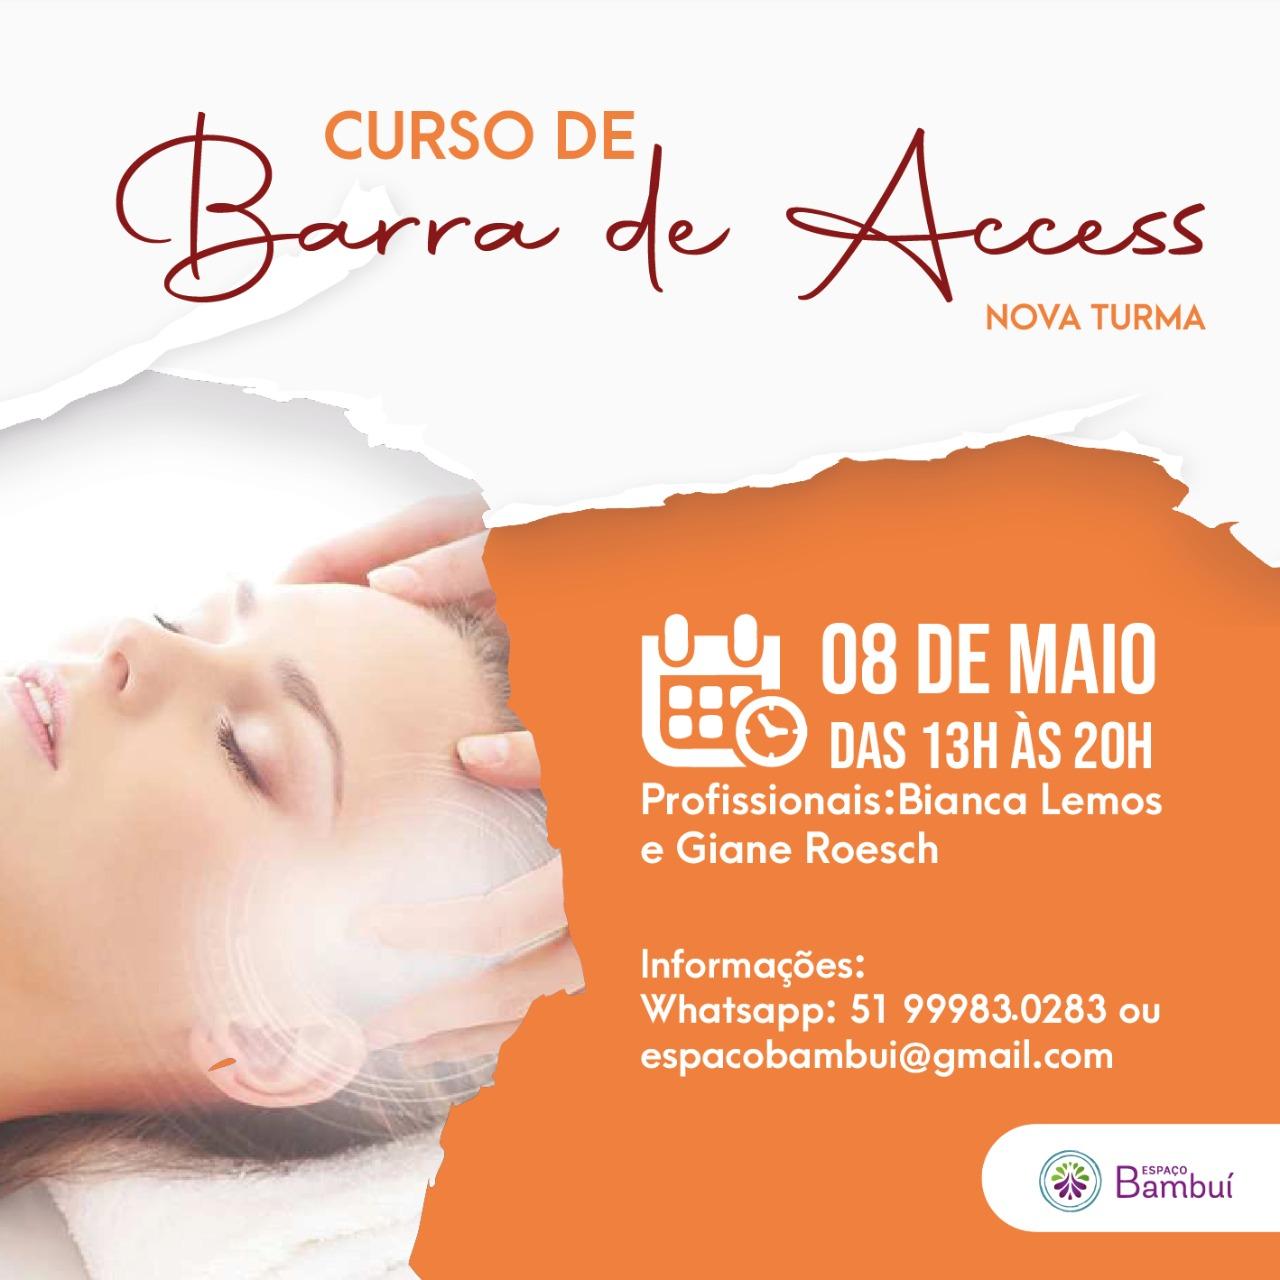 Curso de Barra de Access em Canoas - 08/05 - Espaço Bambuí